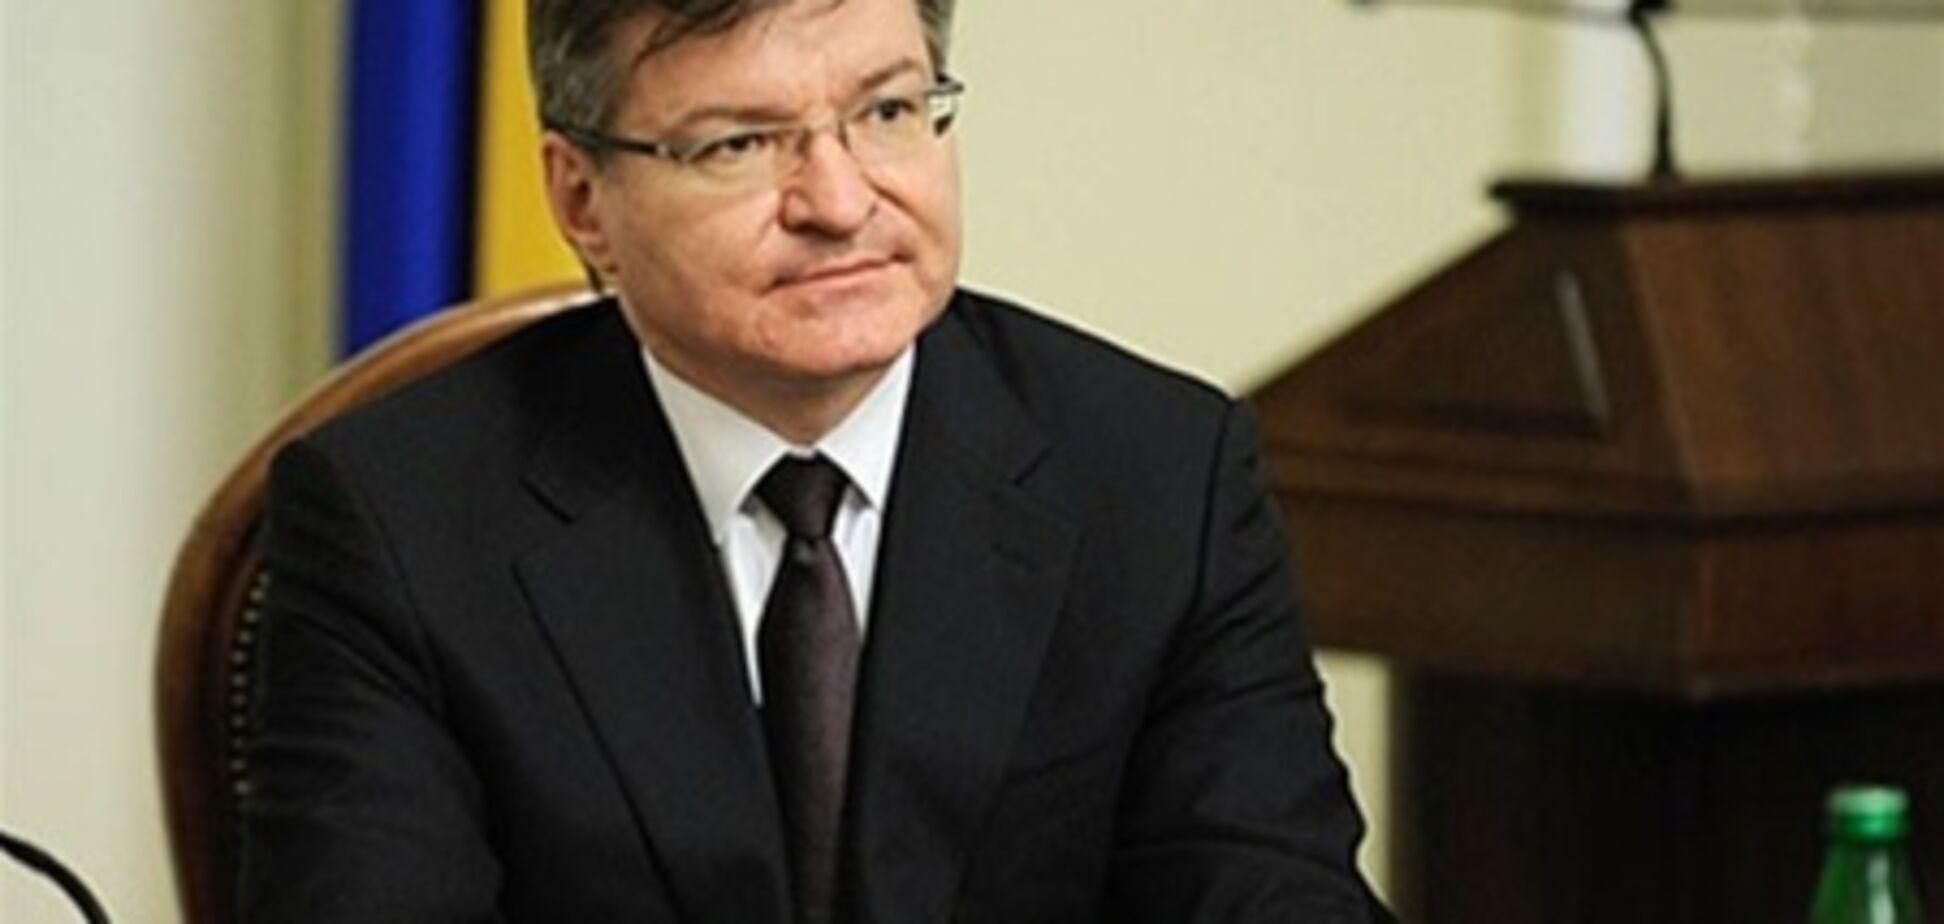 Немыря: европолитики настаивают на освобождении Тимошенко